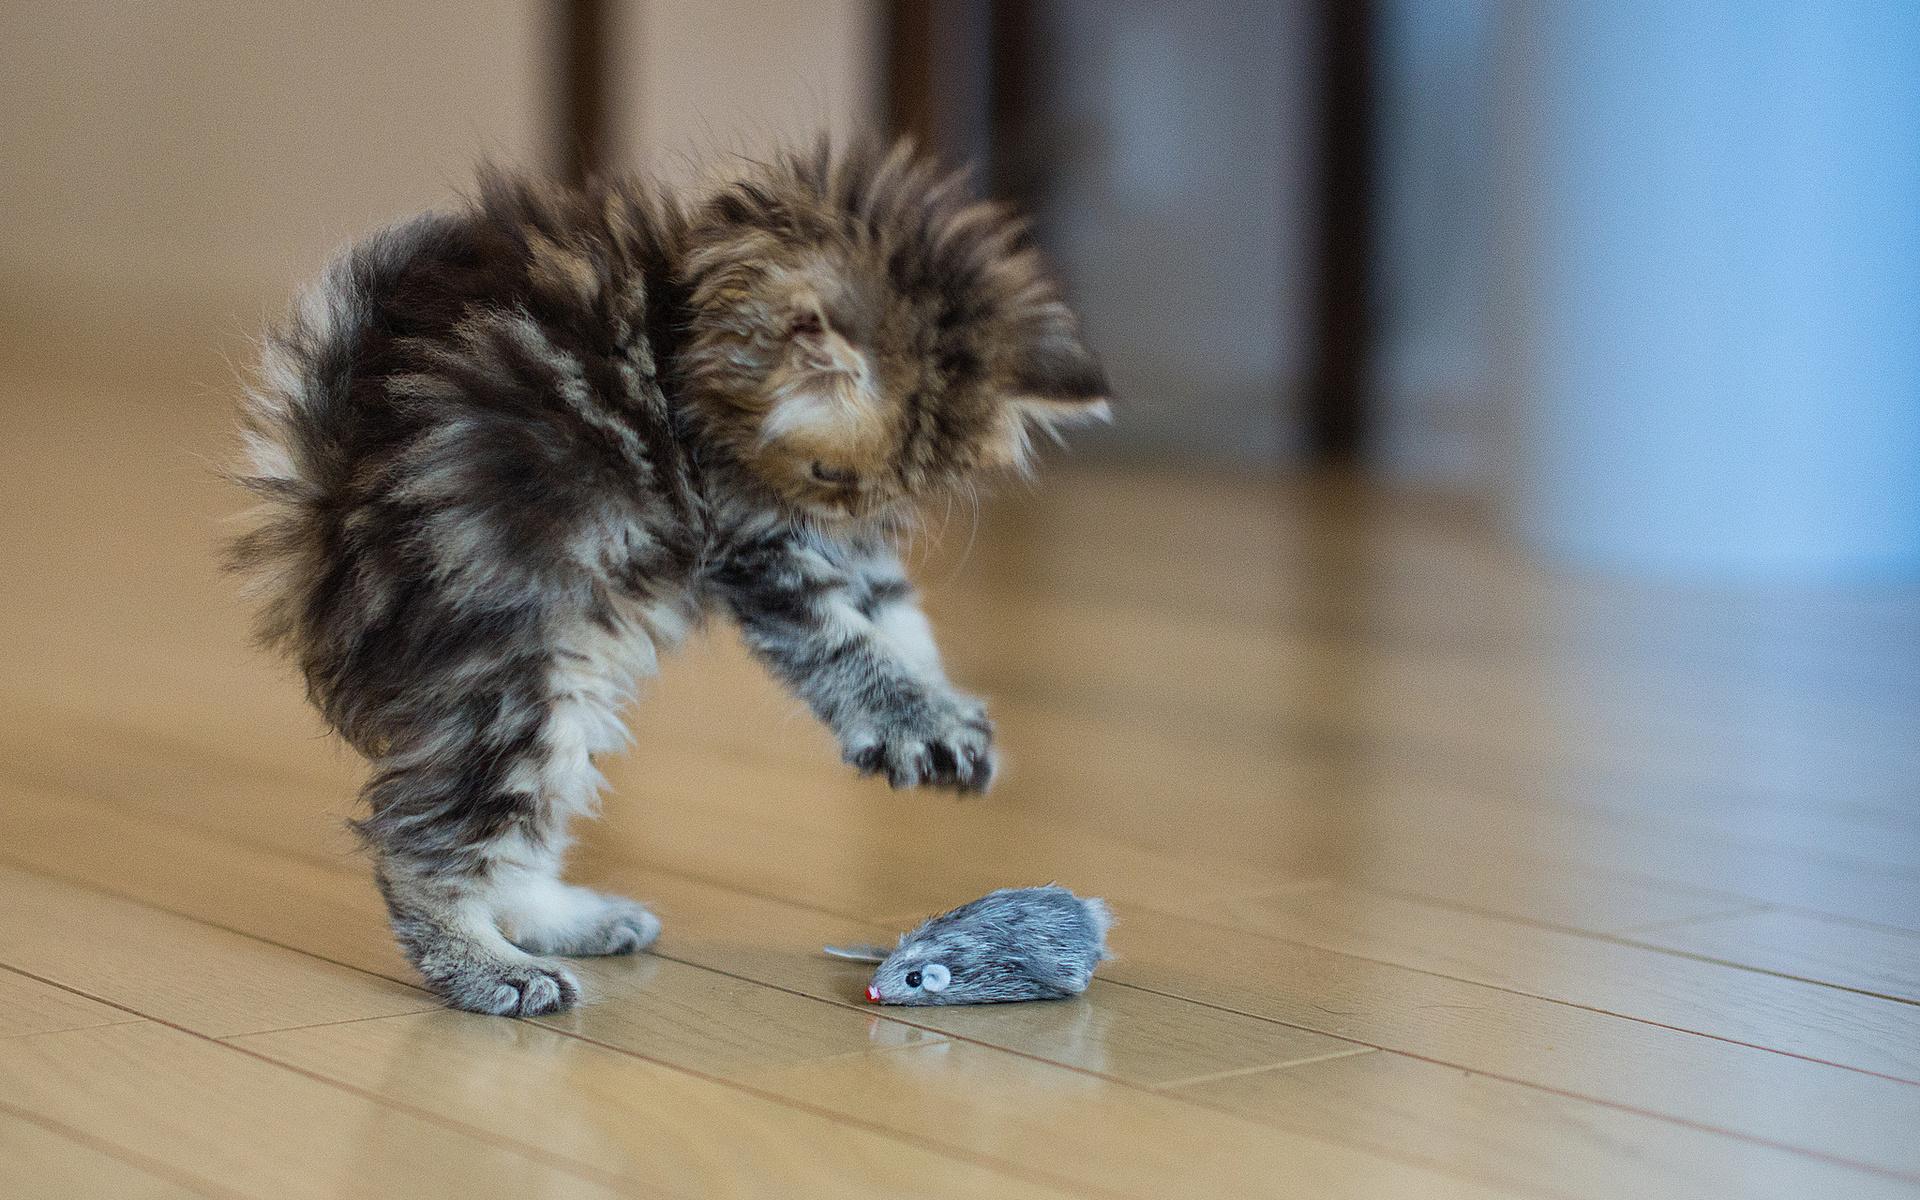 котята фото красивые пушистые милашки побороть